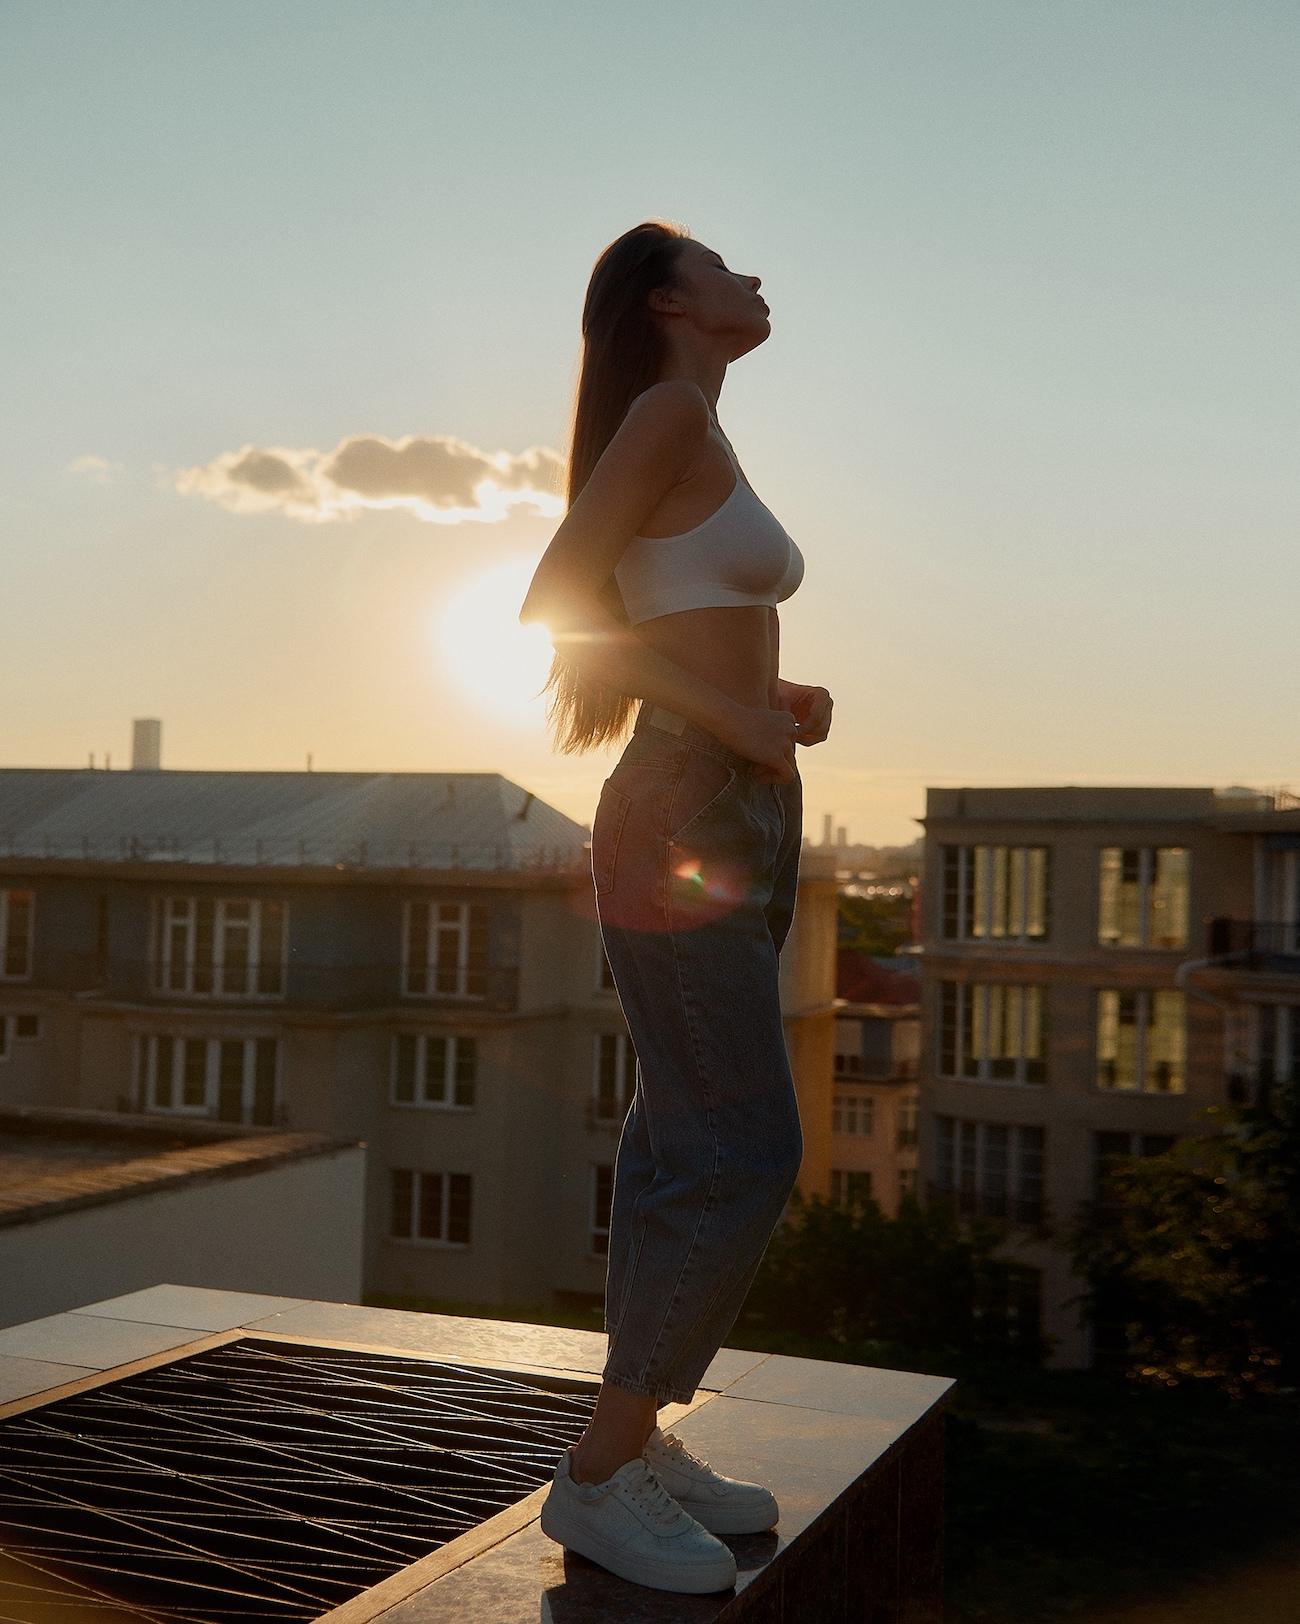 Anastasia Sysueva by Margo Serebryakova